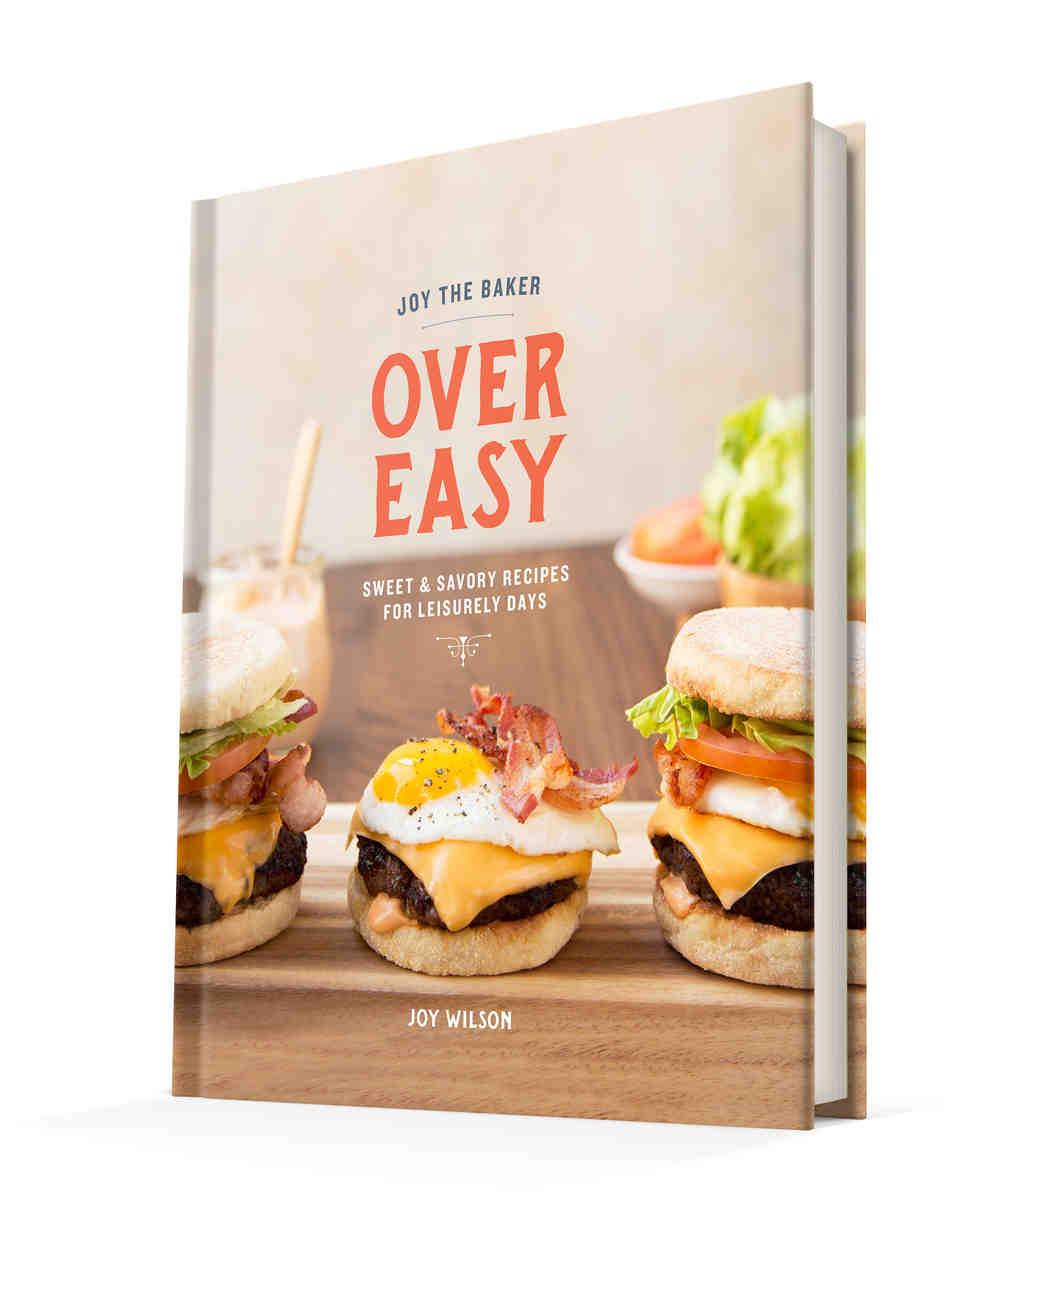 Joy the Baker Over Easy Cookbook